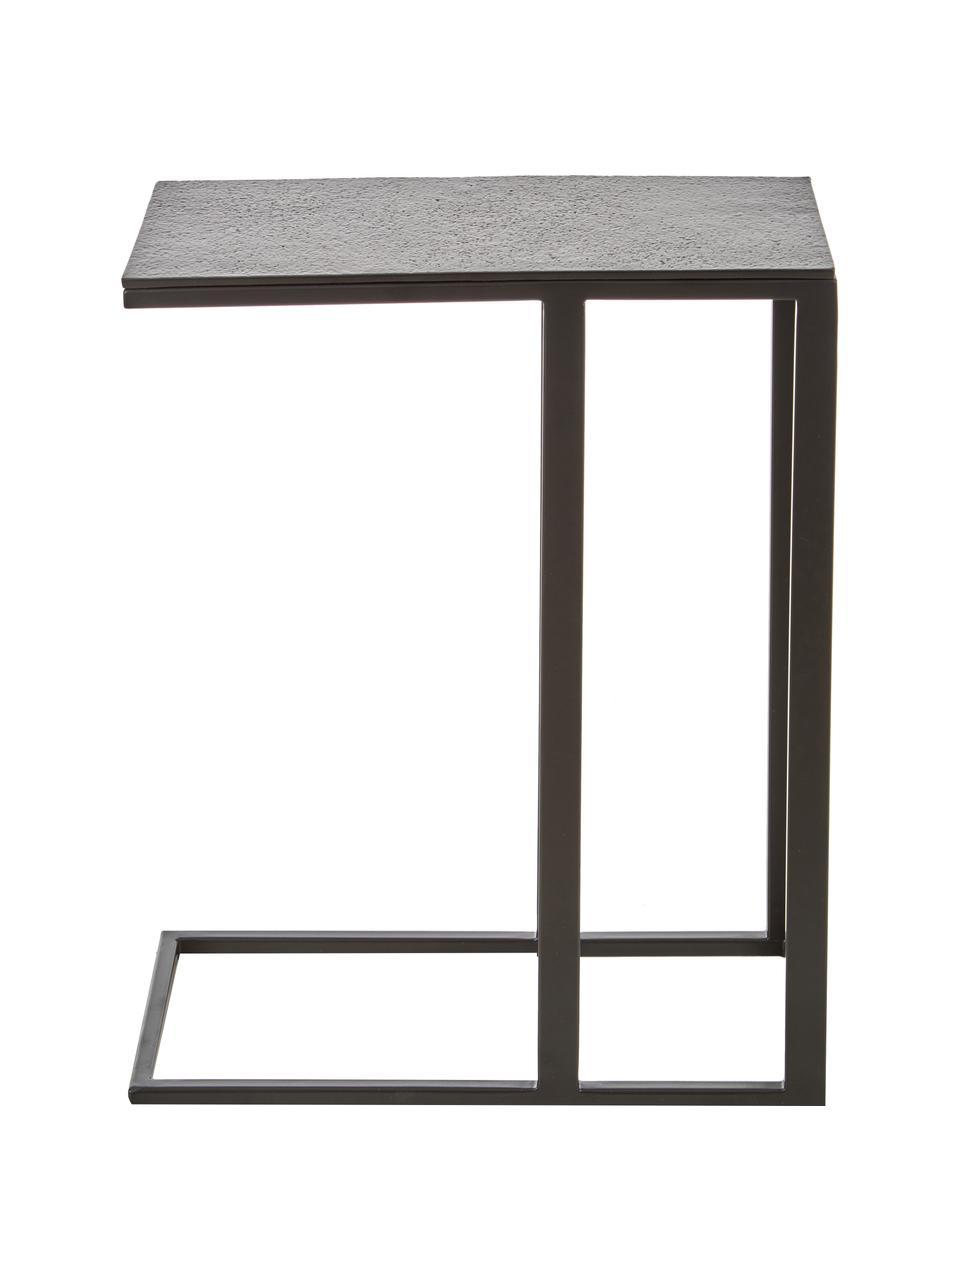 Bijzettafel Edge in industrieel ontwerp, Tafelblad: gecoat metaal, Frame: gepoedercoat metaal, Tafelblad: zwart. Frame: mat zwart, 45 x 62 cm